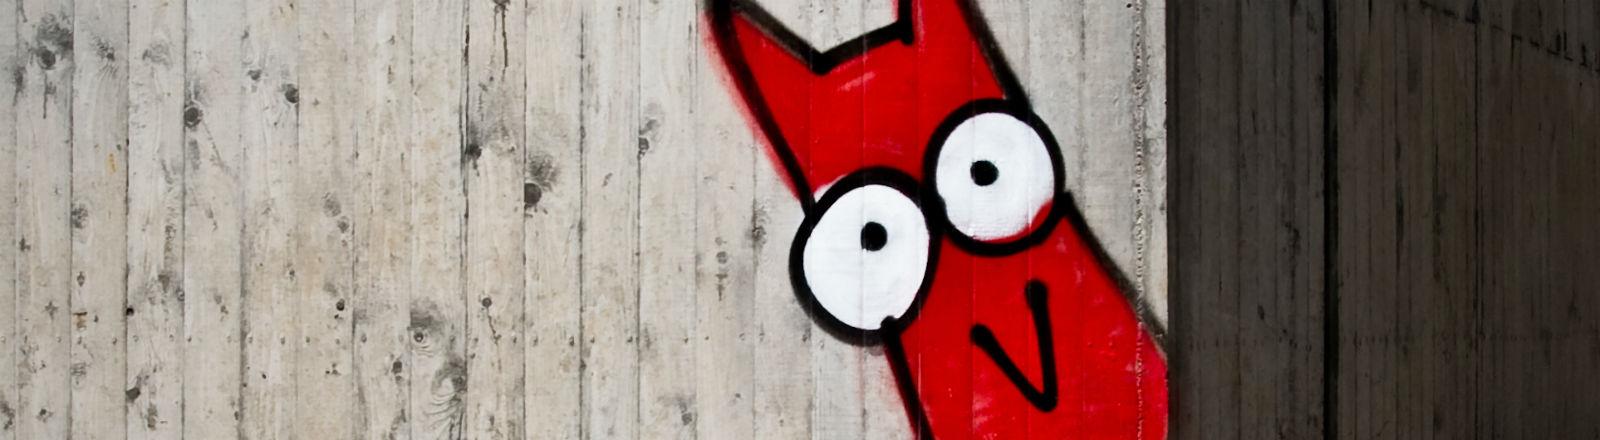 Ein Graffiti von einem kleinen roten Wesen, das um eine Gebäudeecke lugt